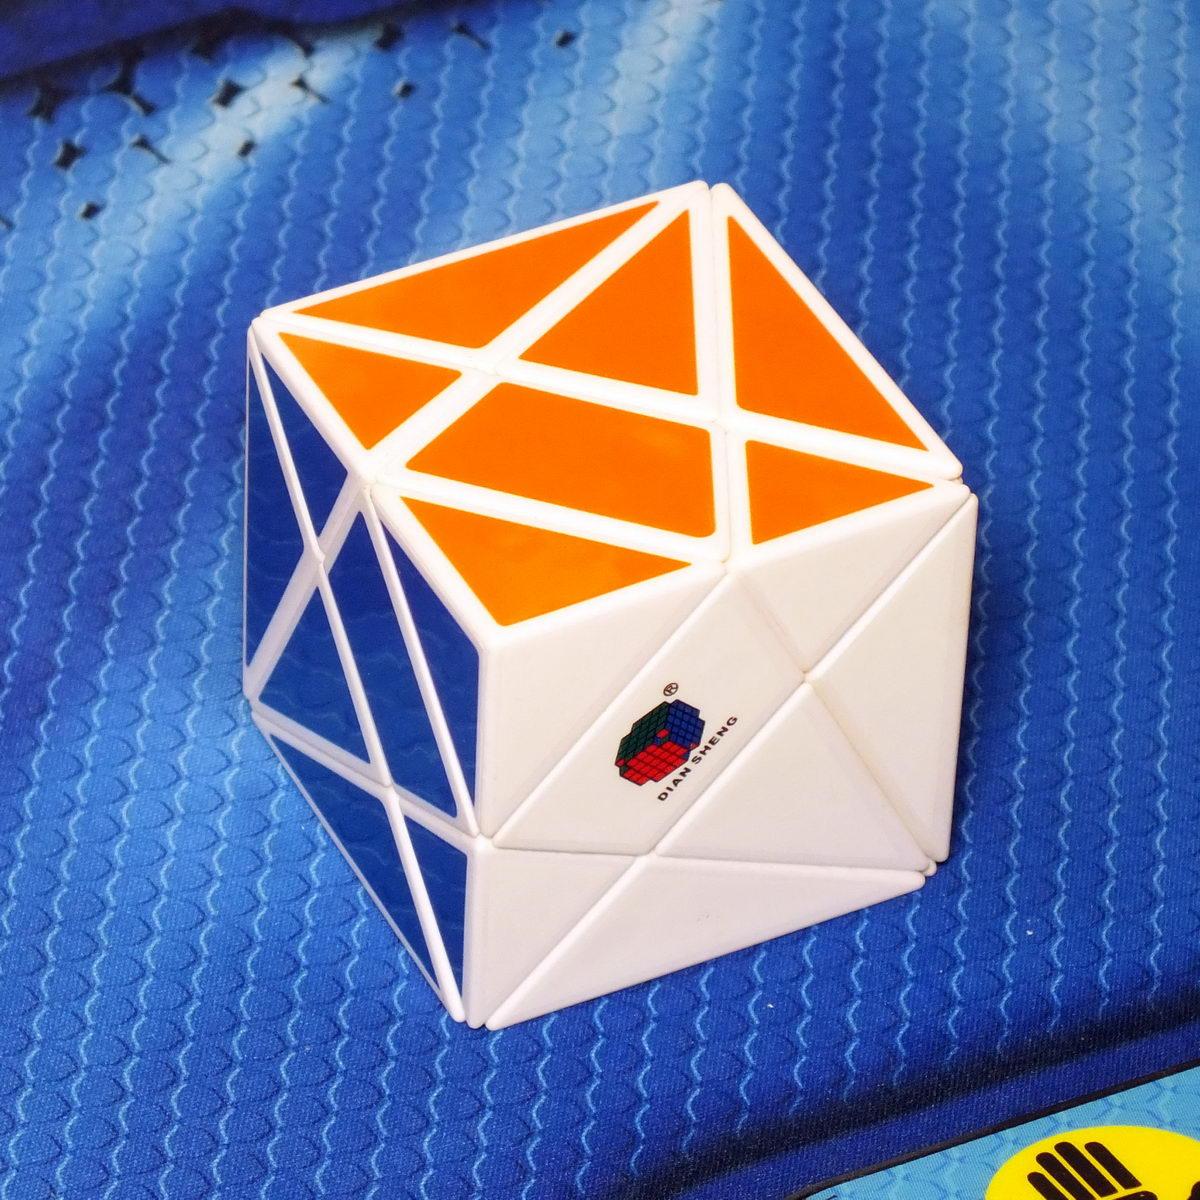 Diasheng Axis Cube white